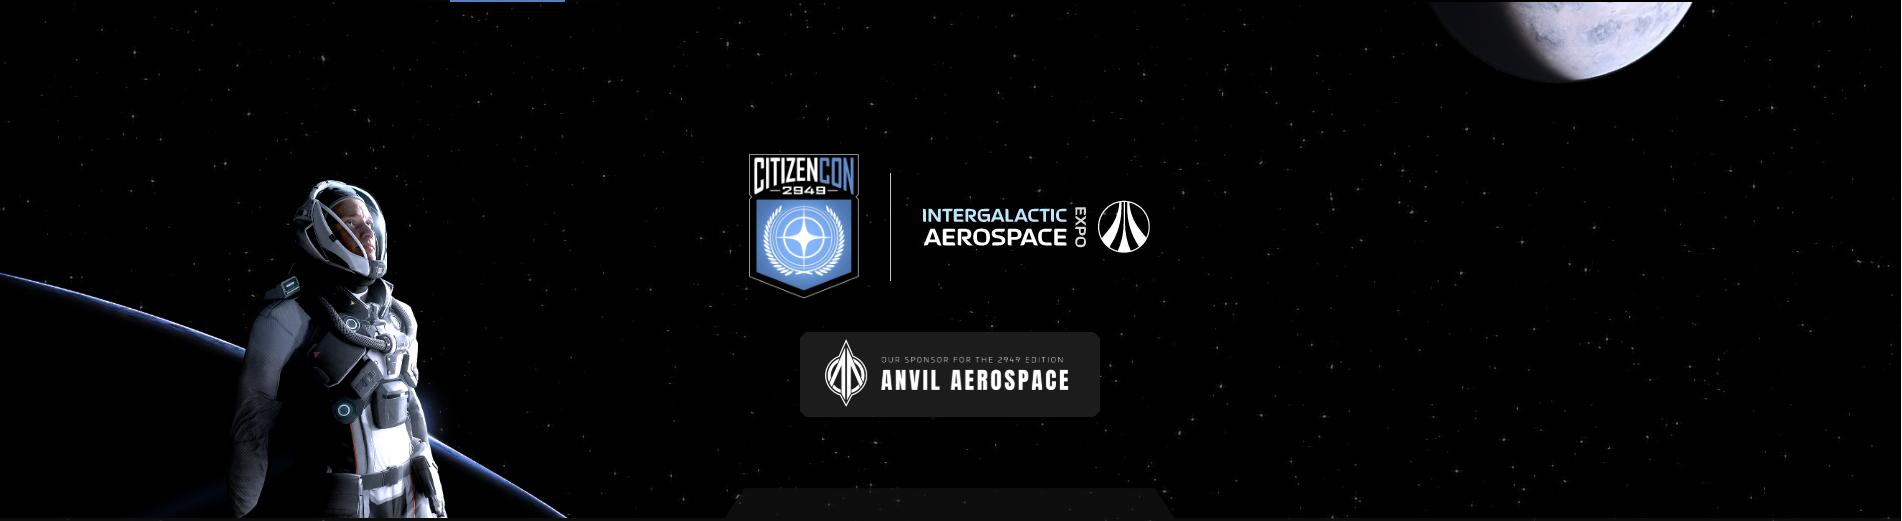 [EVENT] Расписание мероприятия CitizenCon 2949